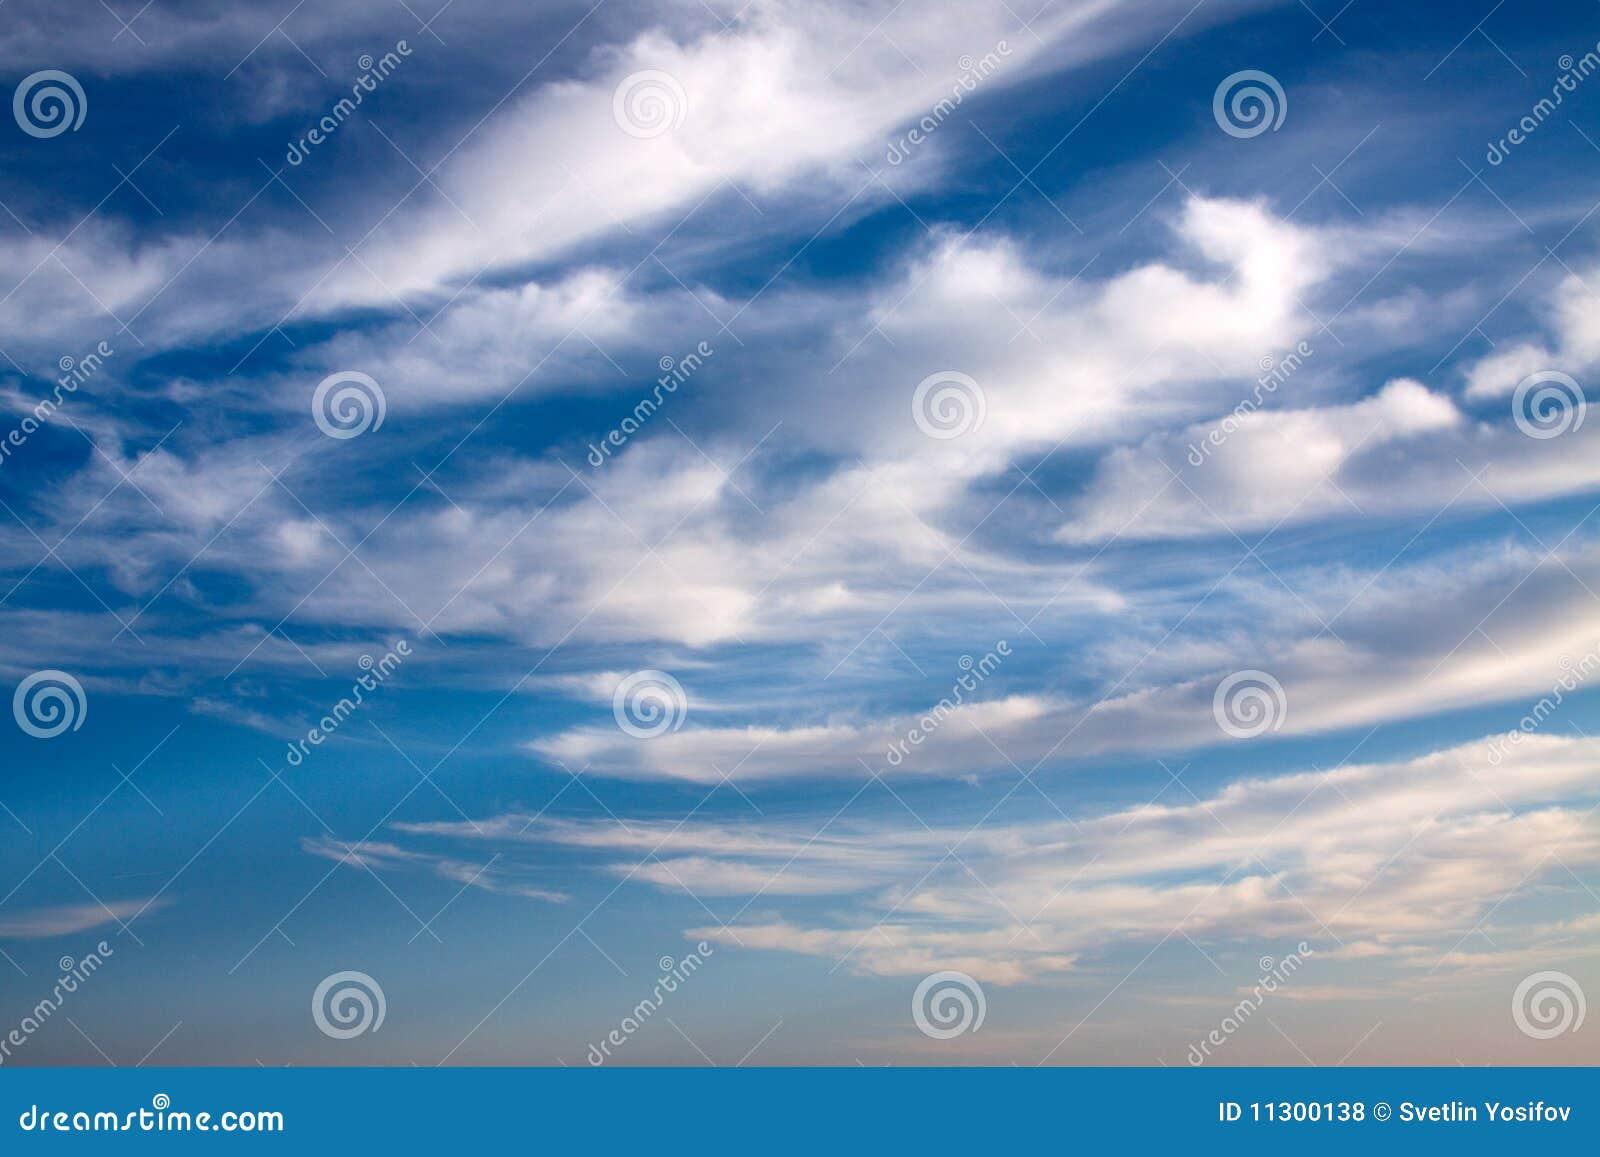 Wolken auf dem blauen Himmel